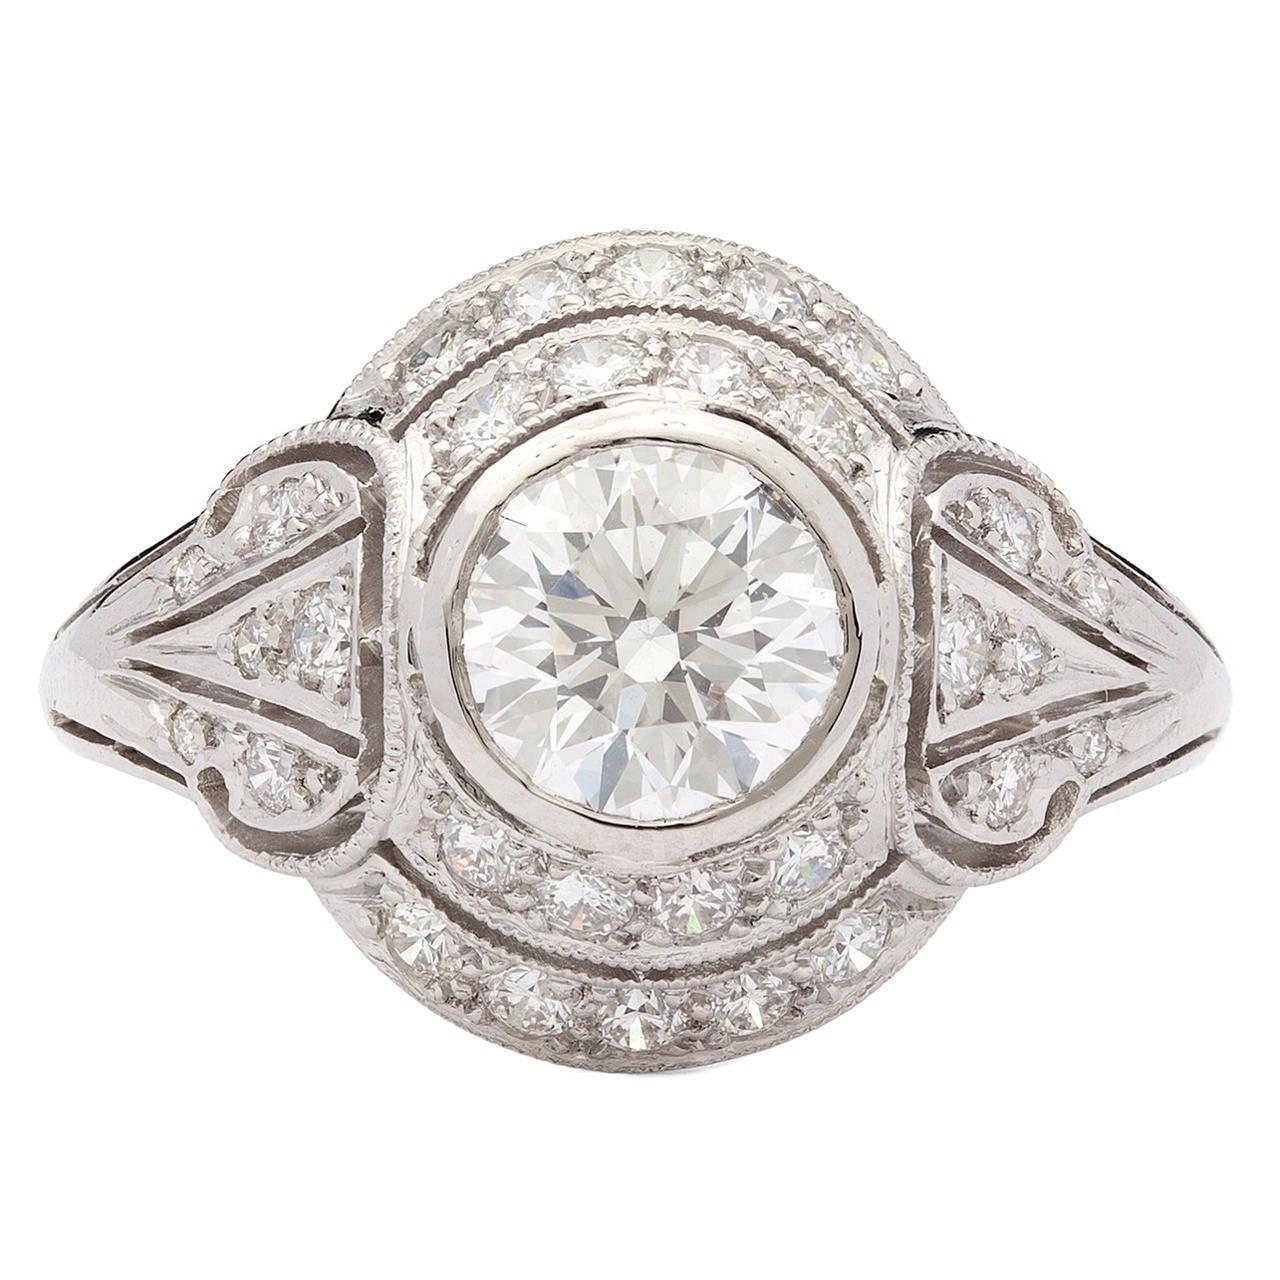 1.02 Carat Gia Cert Diamond Platinum Ring